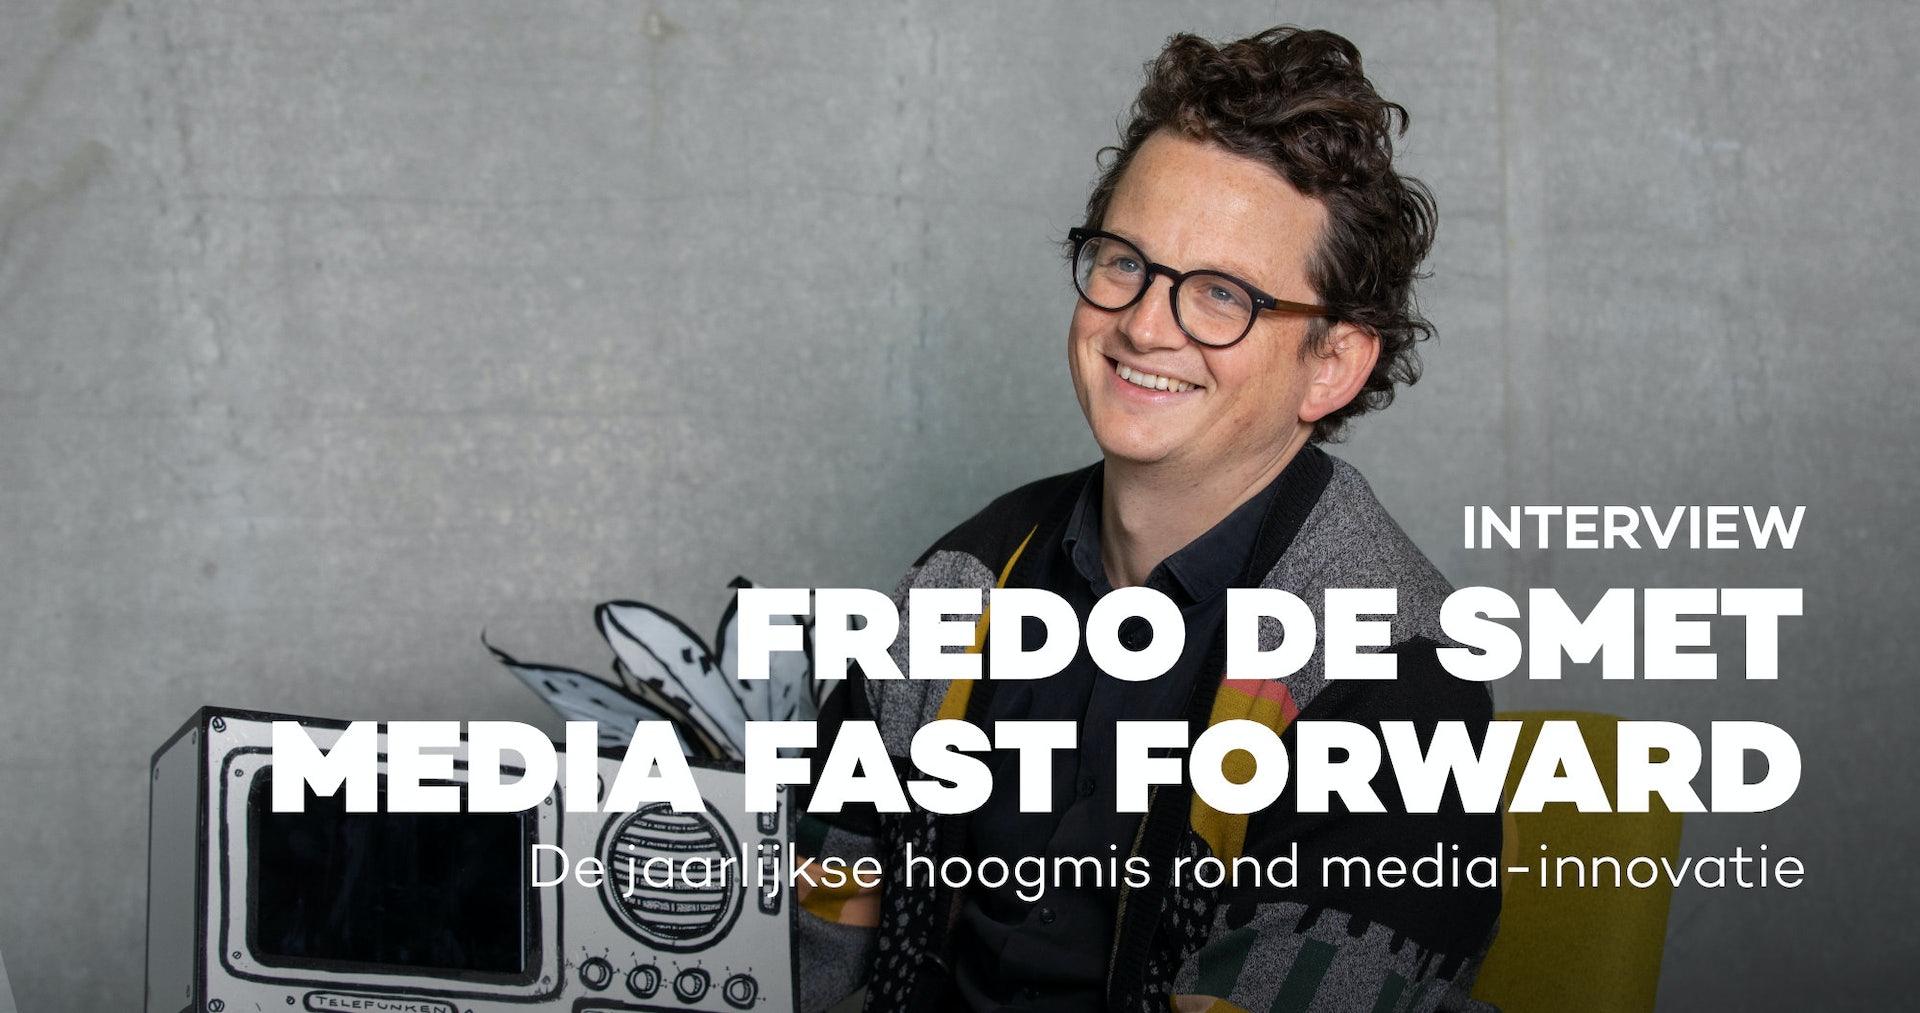 Fredo - Media Fast Forward